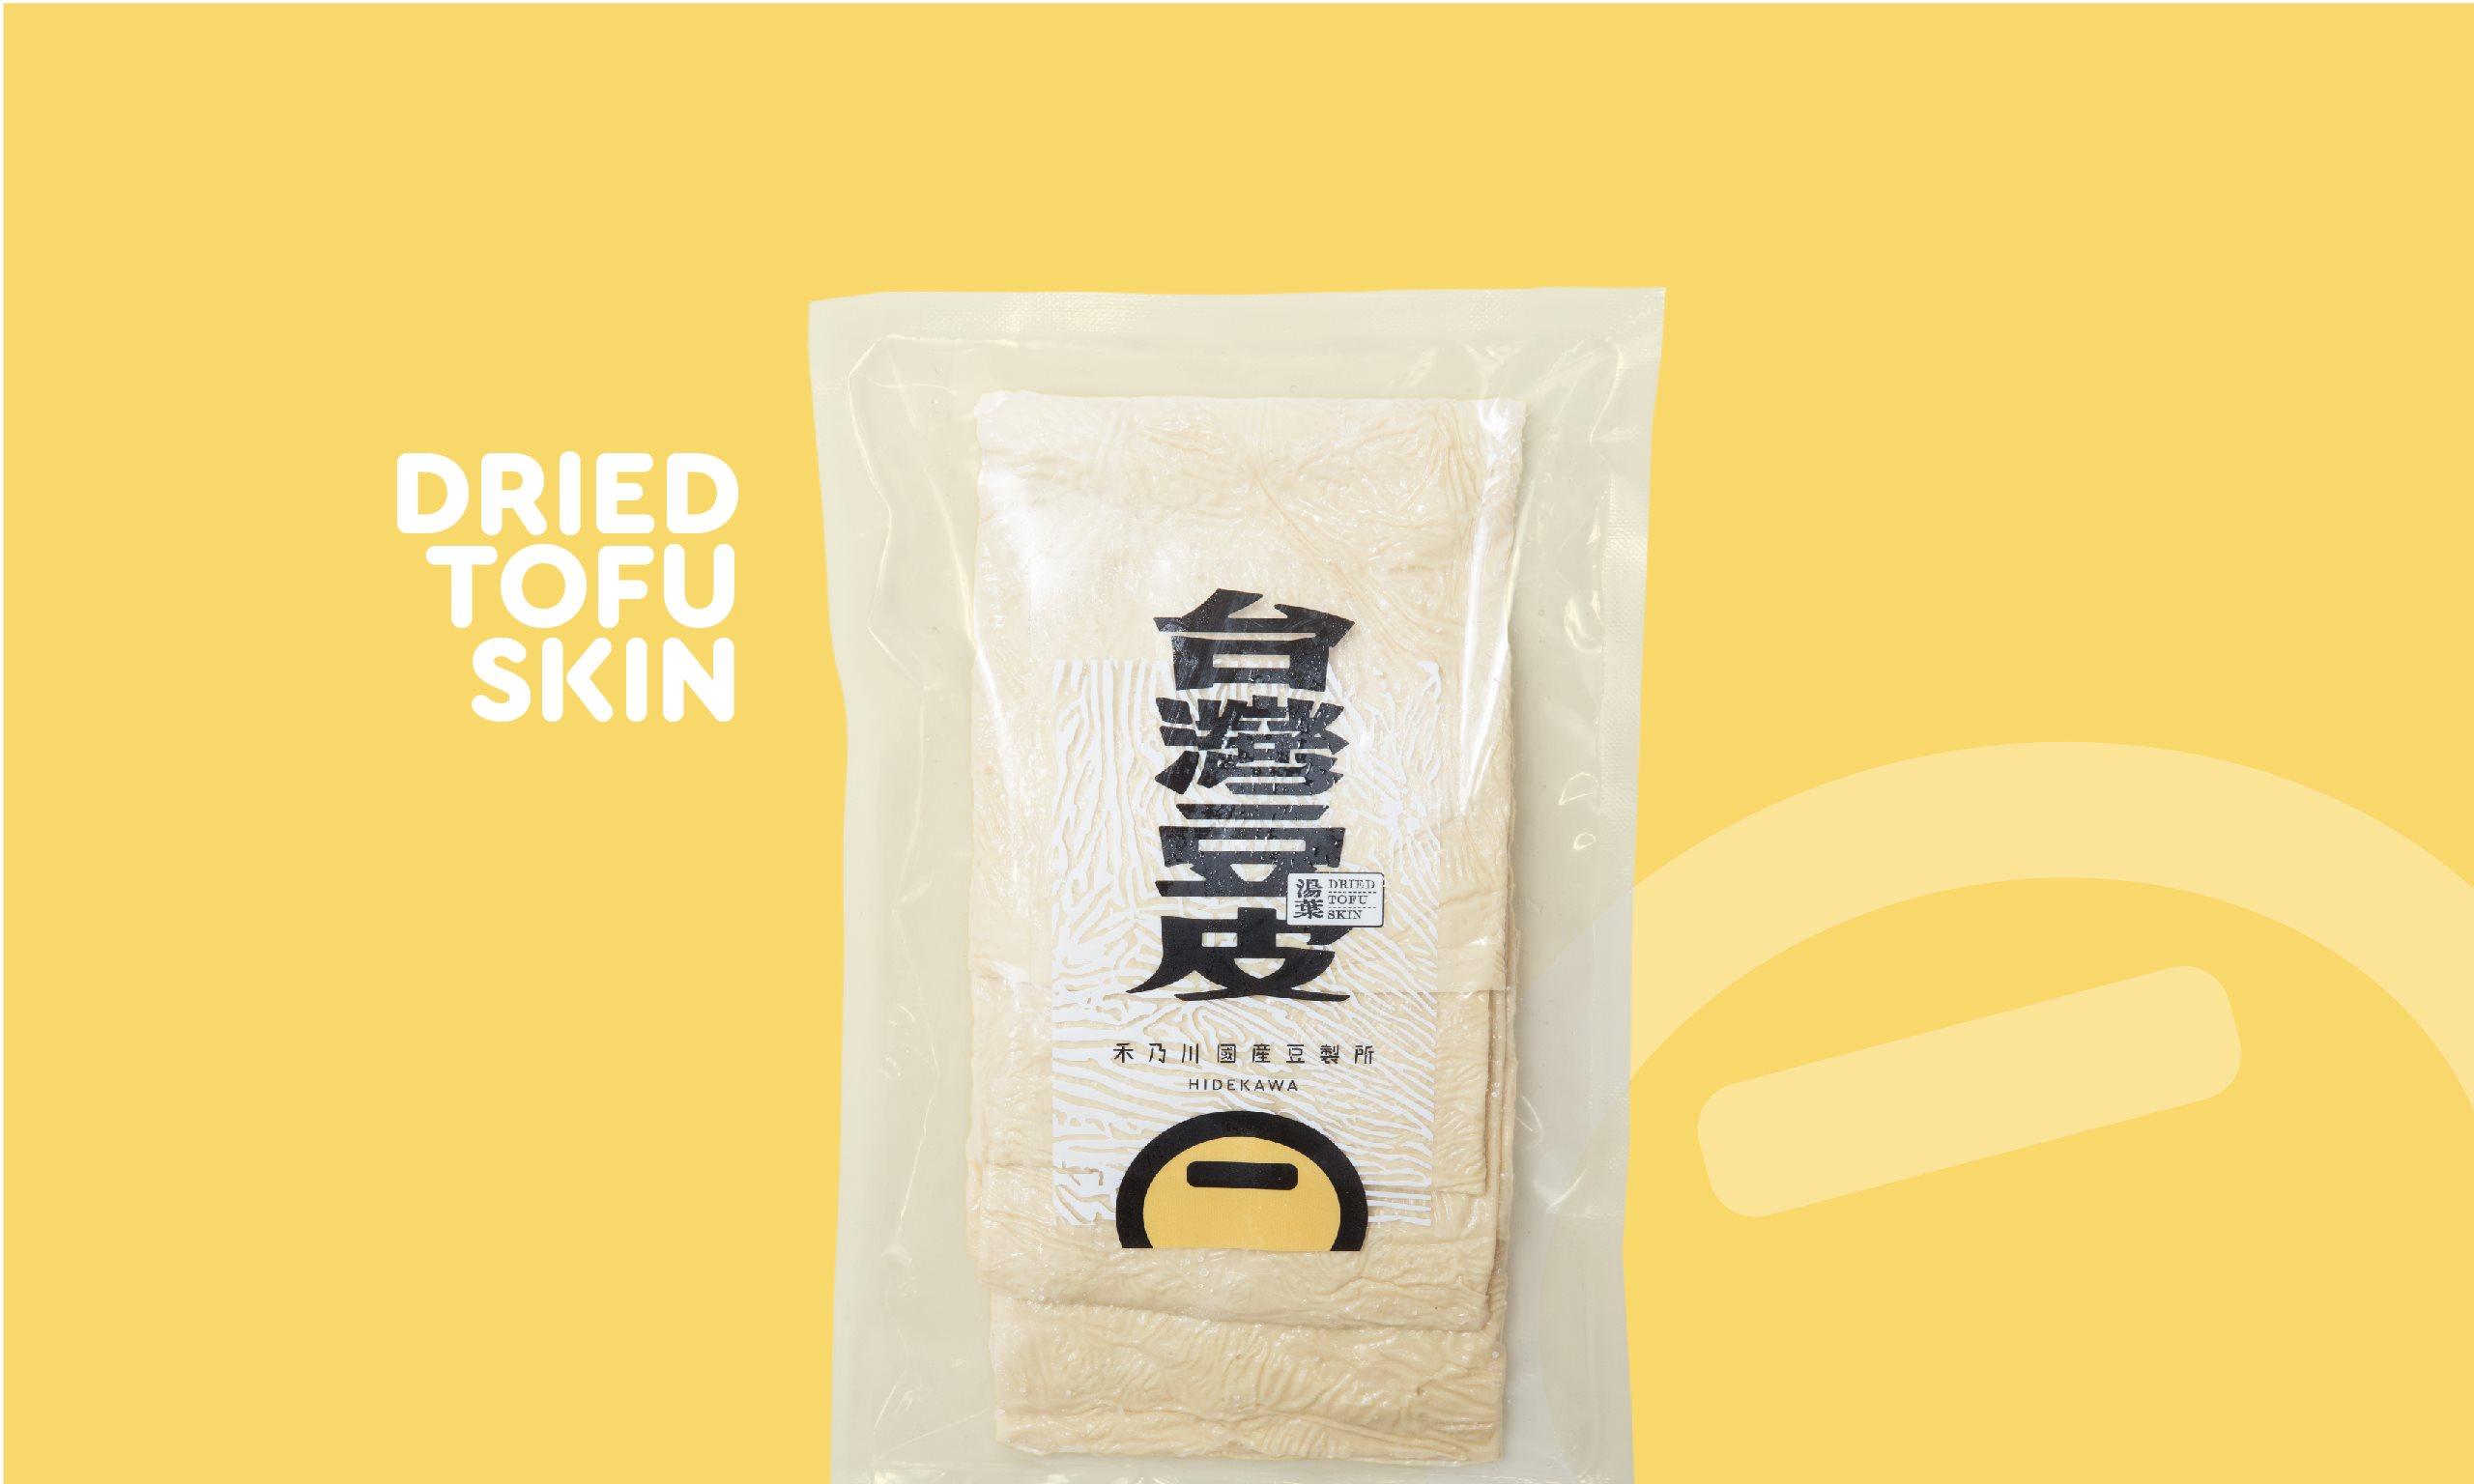 台灣手工豆皮 - 全手工撈製而成